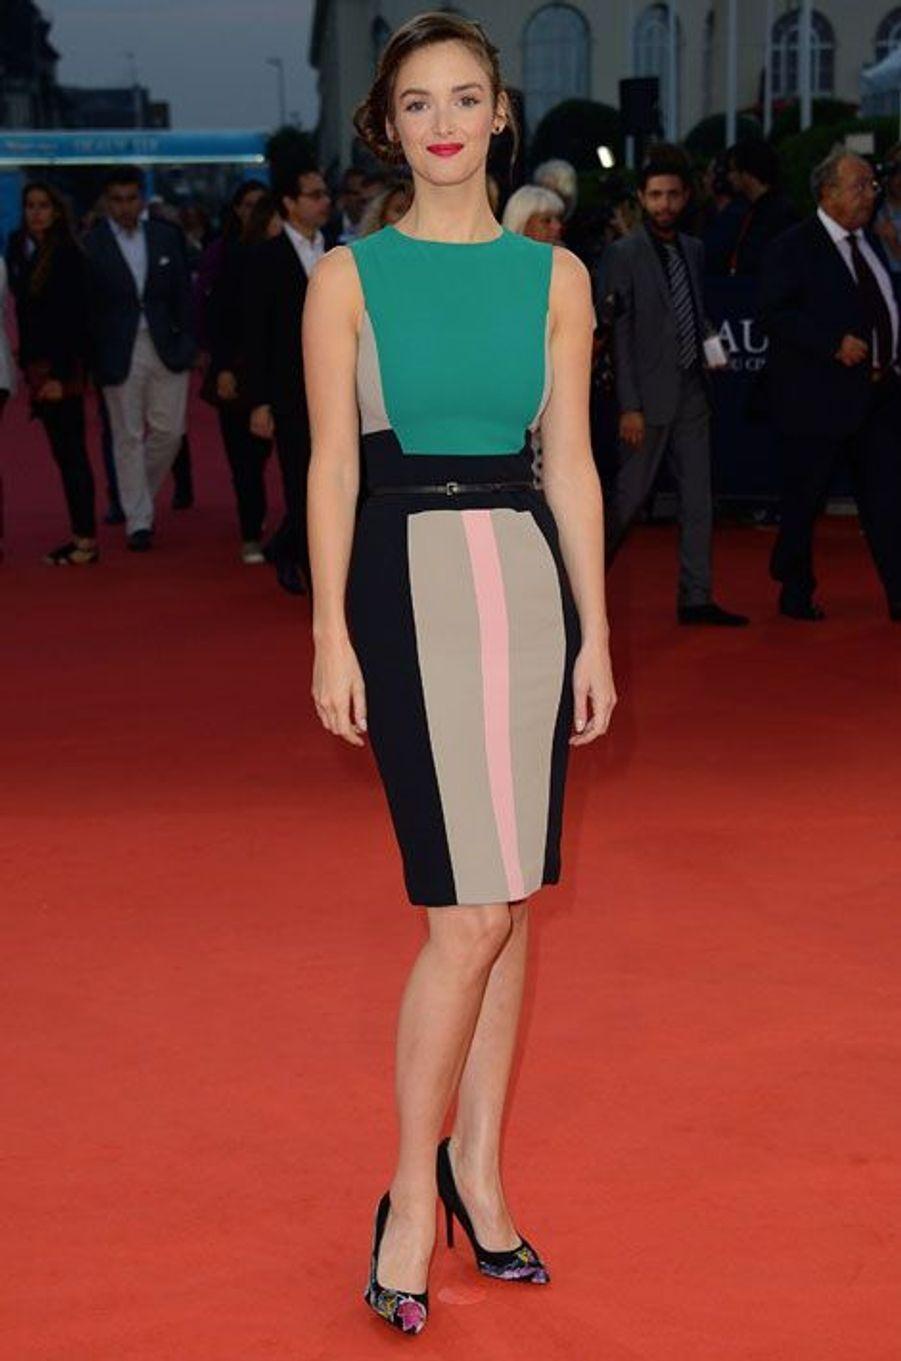 De la couleur : l'ex Miss Météo Charlotte Le Bon, lors de la première du film Les Recettes du bonheur au festival de Deauville, le 6 septembre 2014